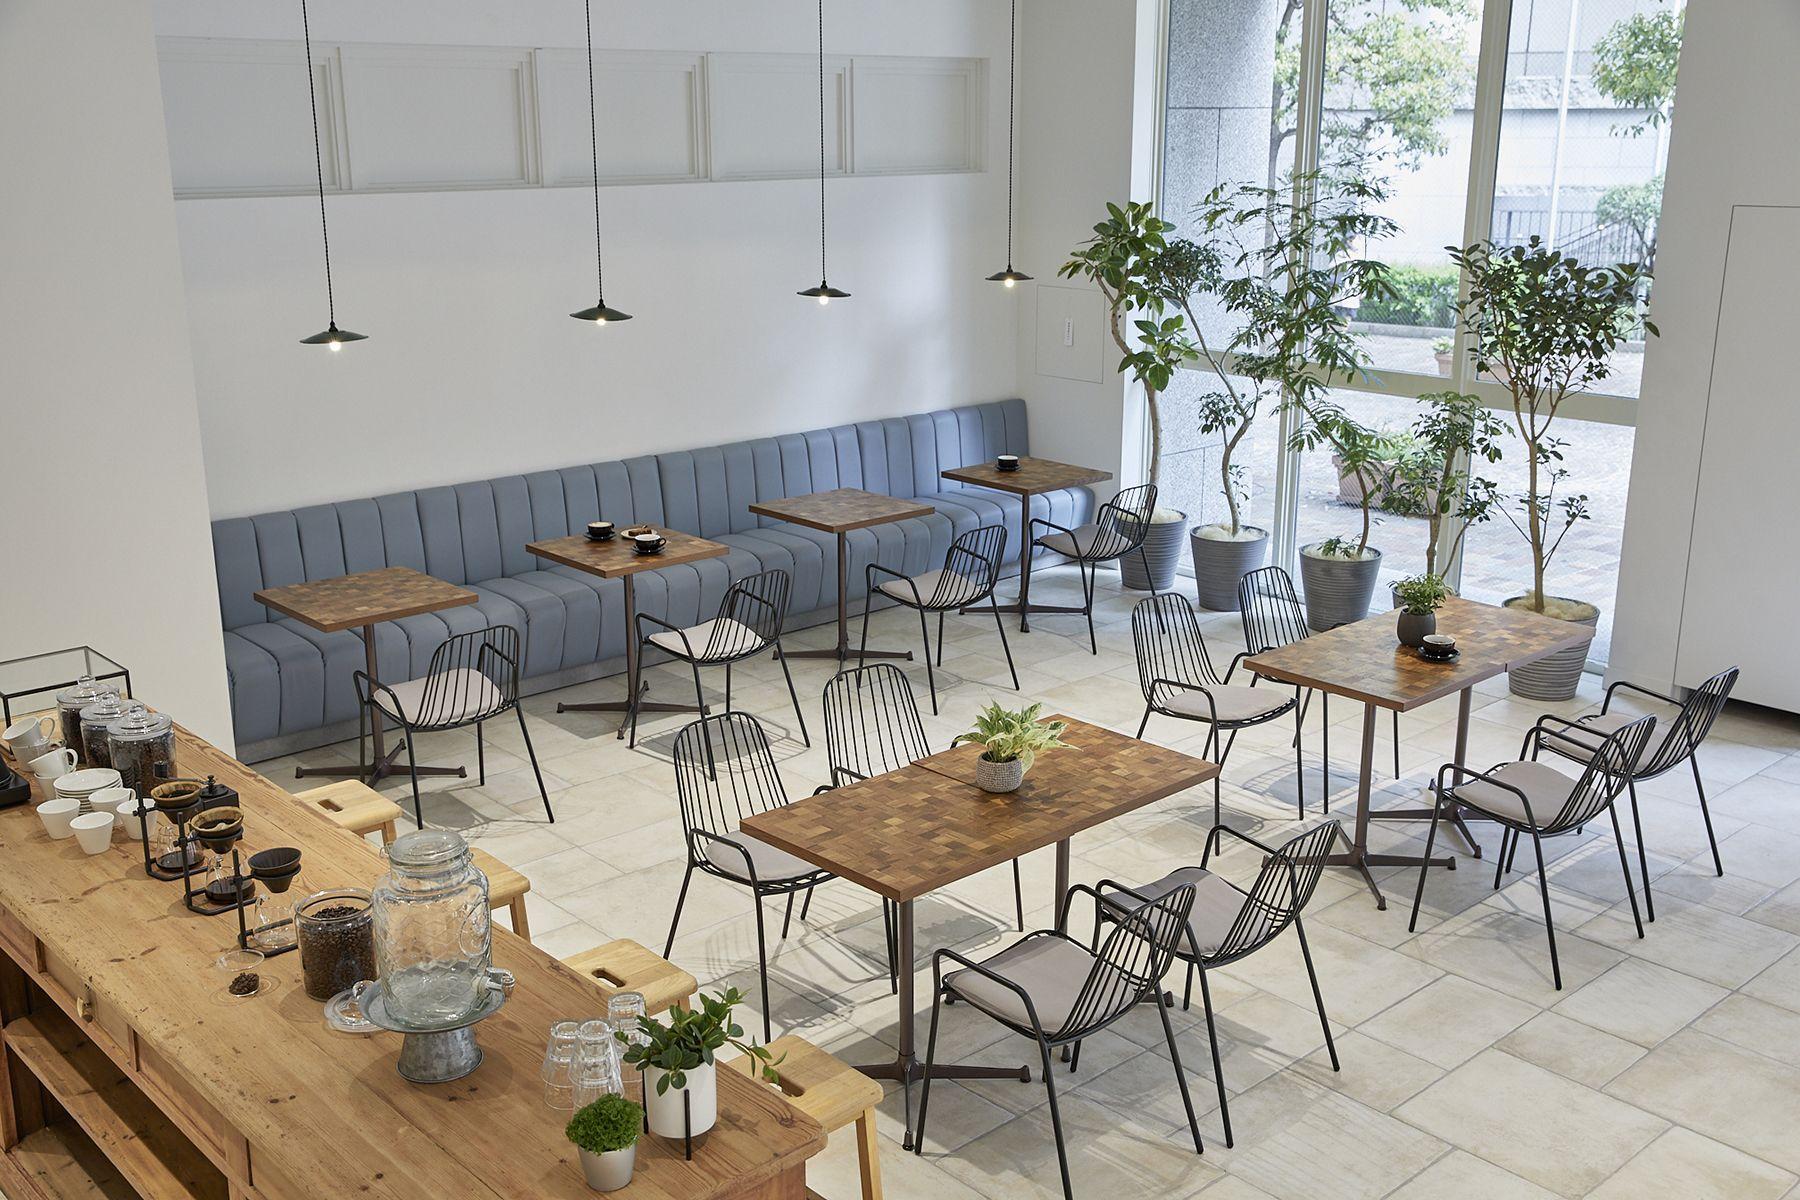 STUDIO DA VINCI C-studio (スタジオ ダヴィンチ シースタジオ)家具なしの状態